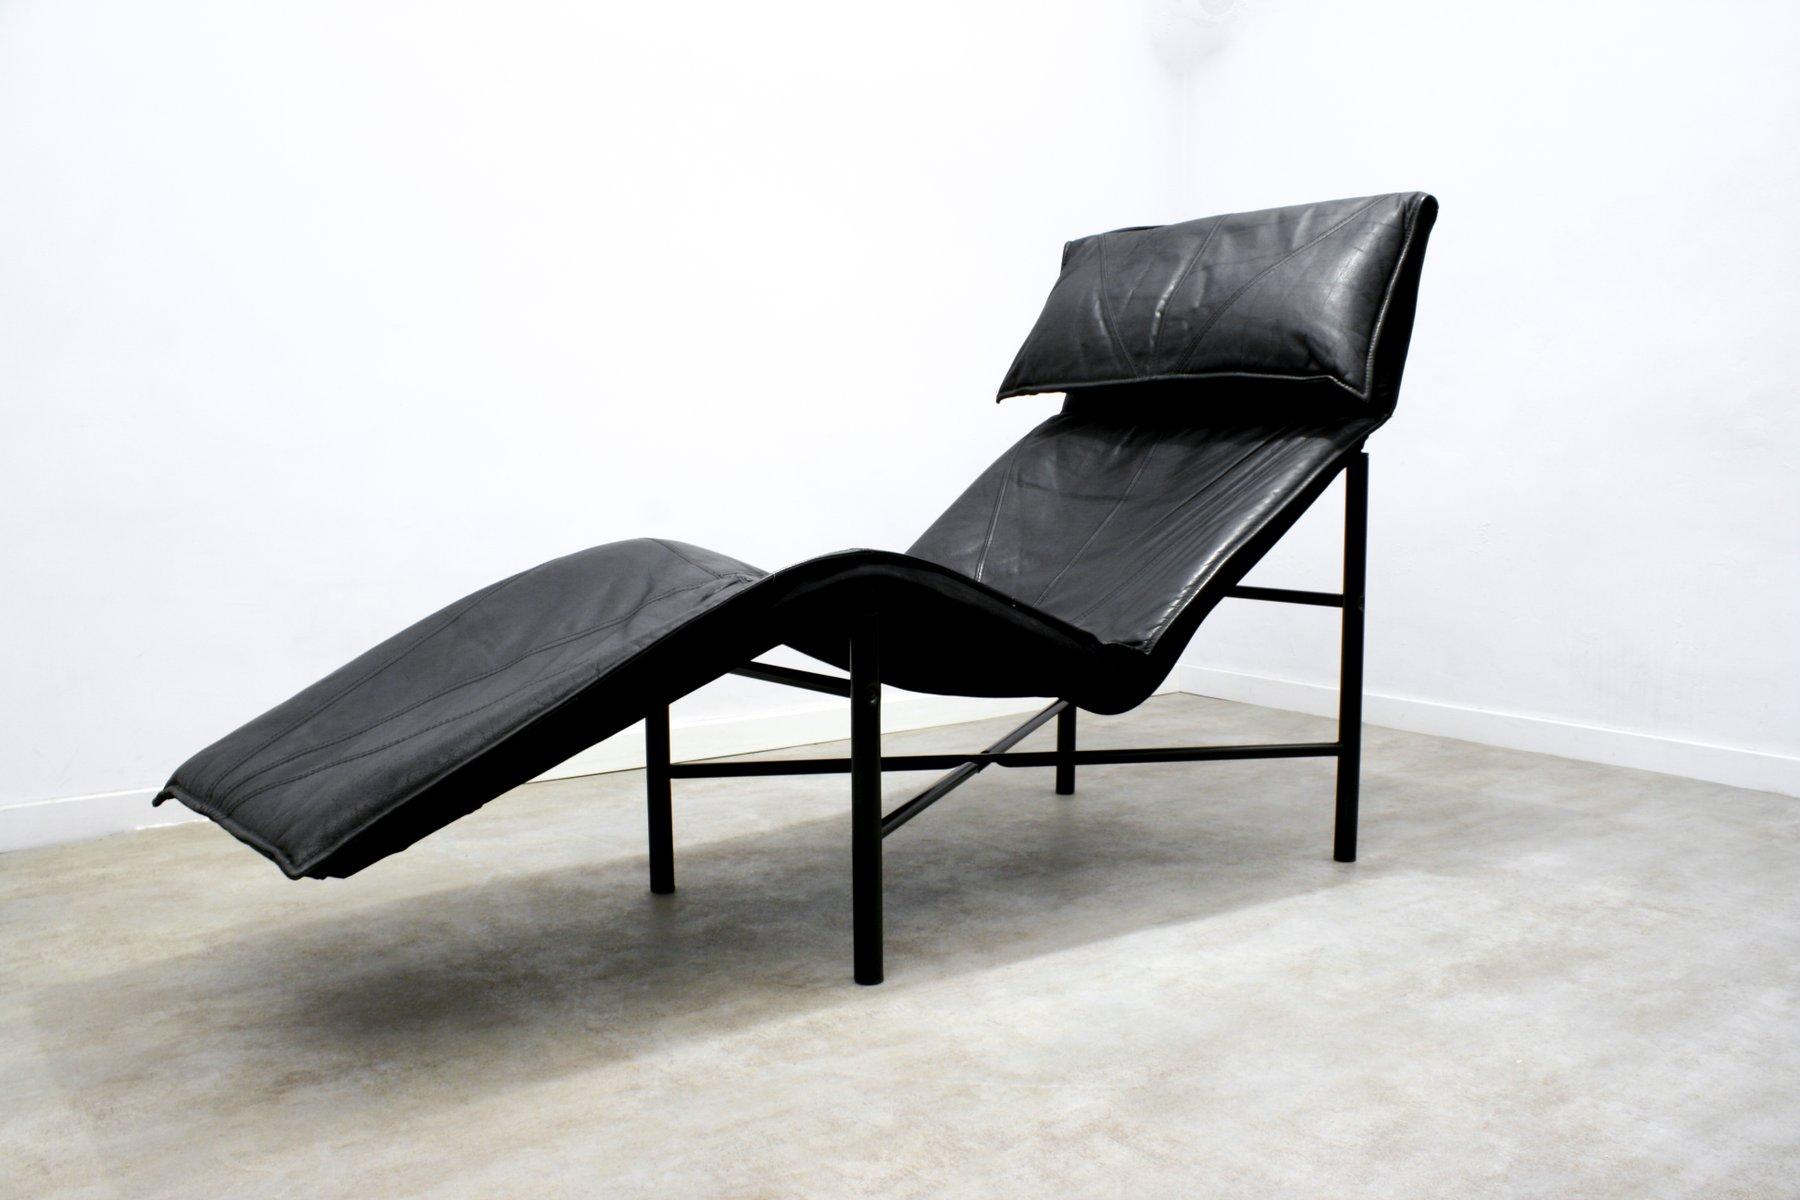 skye chaiselongue aus schwarzem leder von tord bj rklund. Black Bedroom Furniture Sets. Home Design Ideas